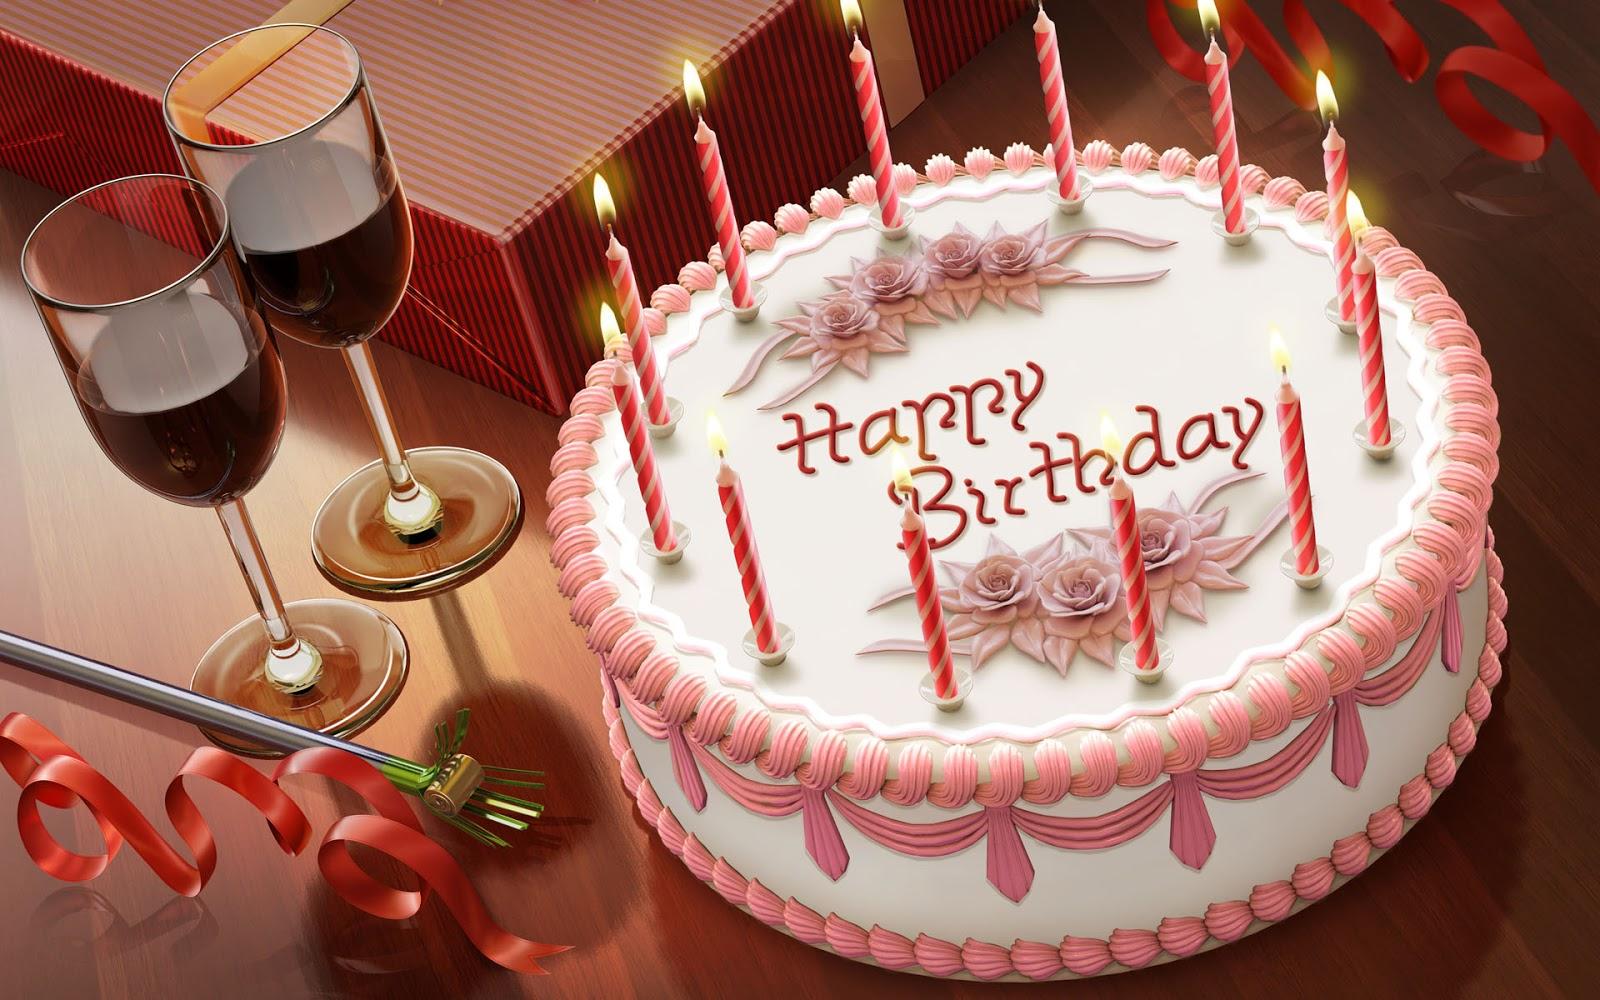 Happy Birthday صور بطاقات عيد ميلاد متحركة 2017 اروع معايدات عيد ميلاد متحركة2018 2015_1418581132_574.